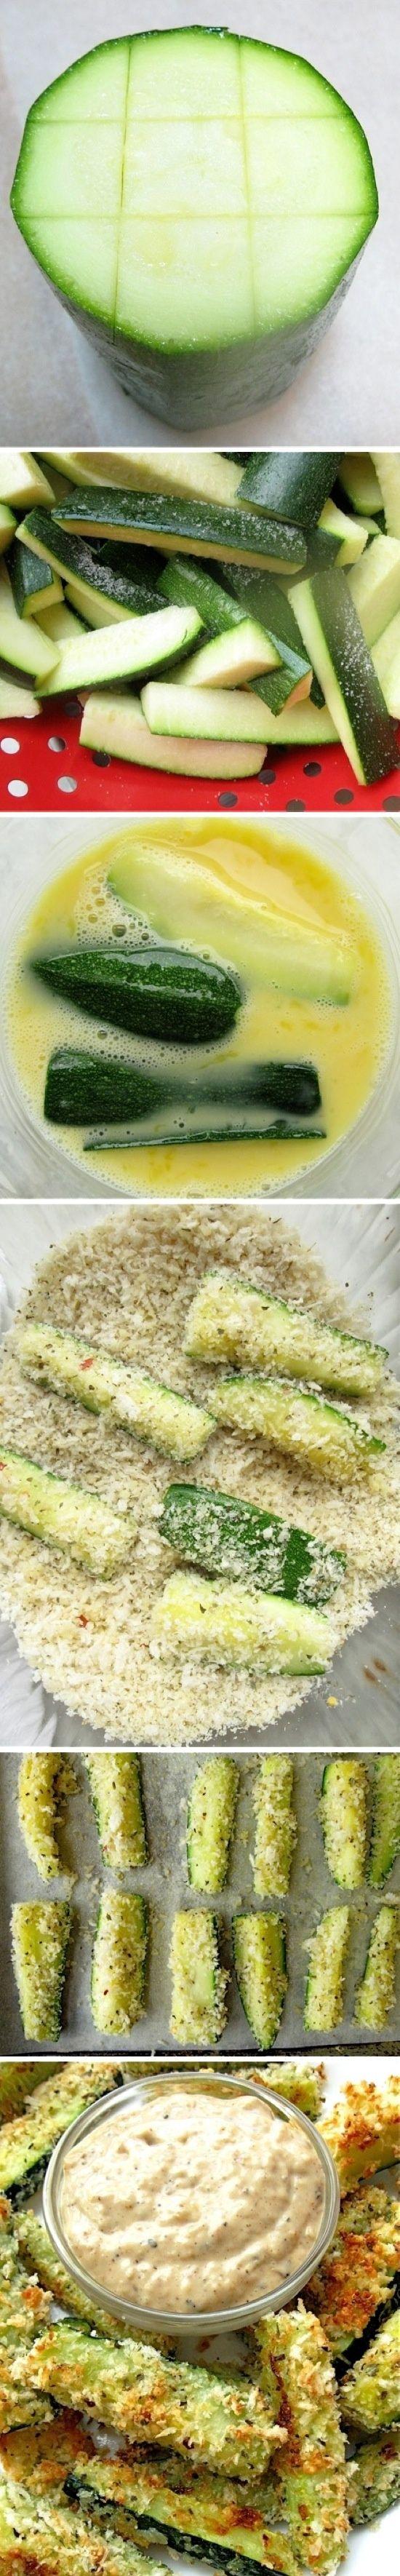 Baked Zucchini Sticks - YUM!